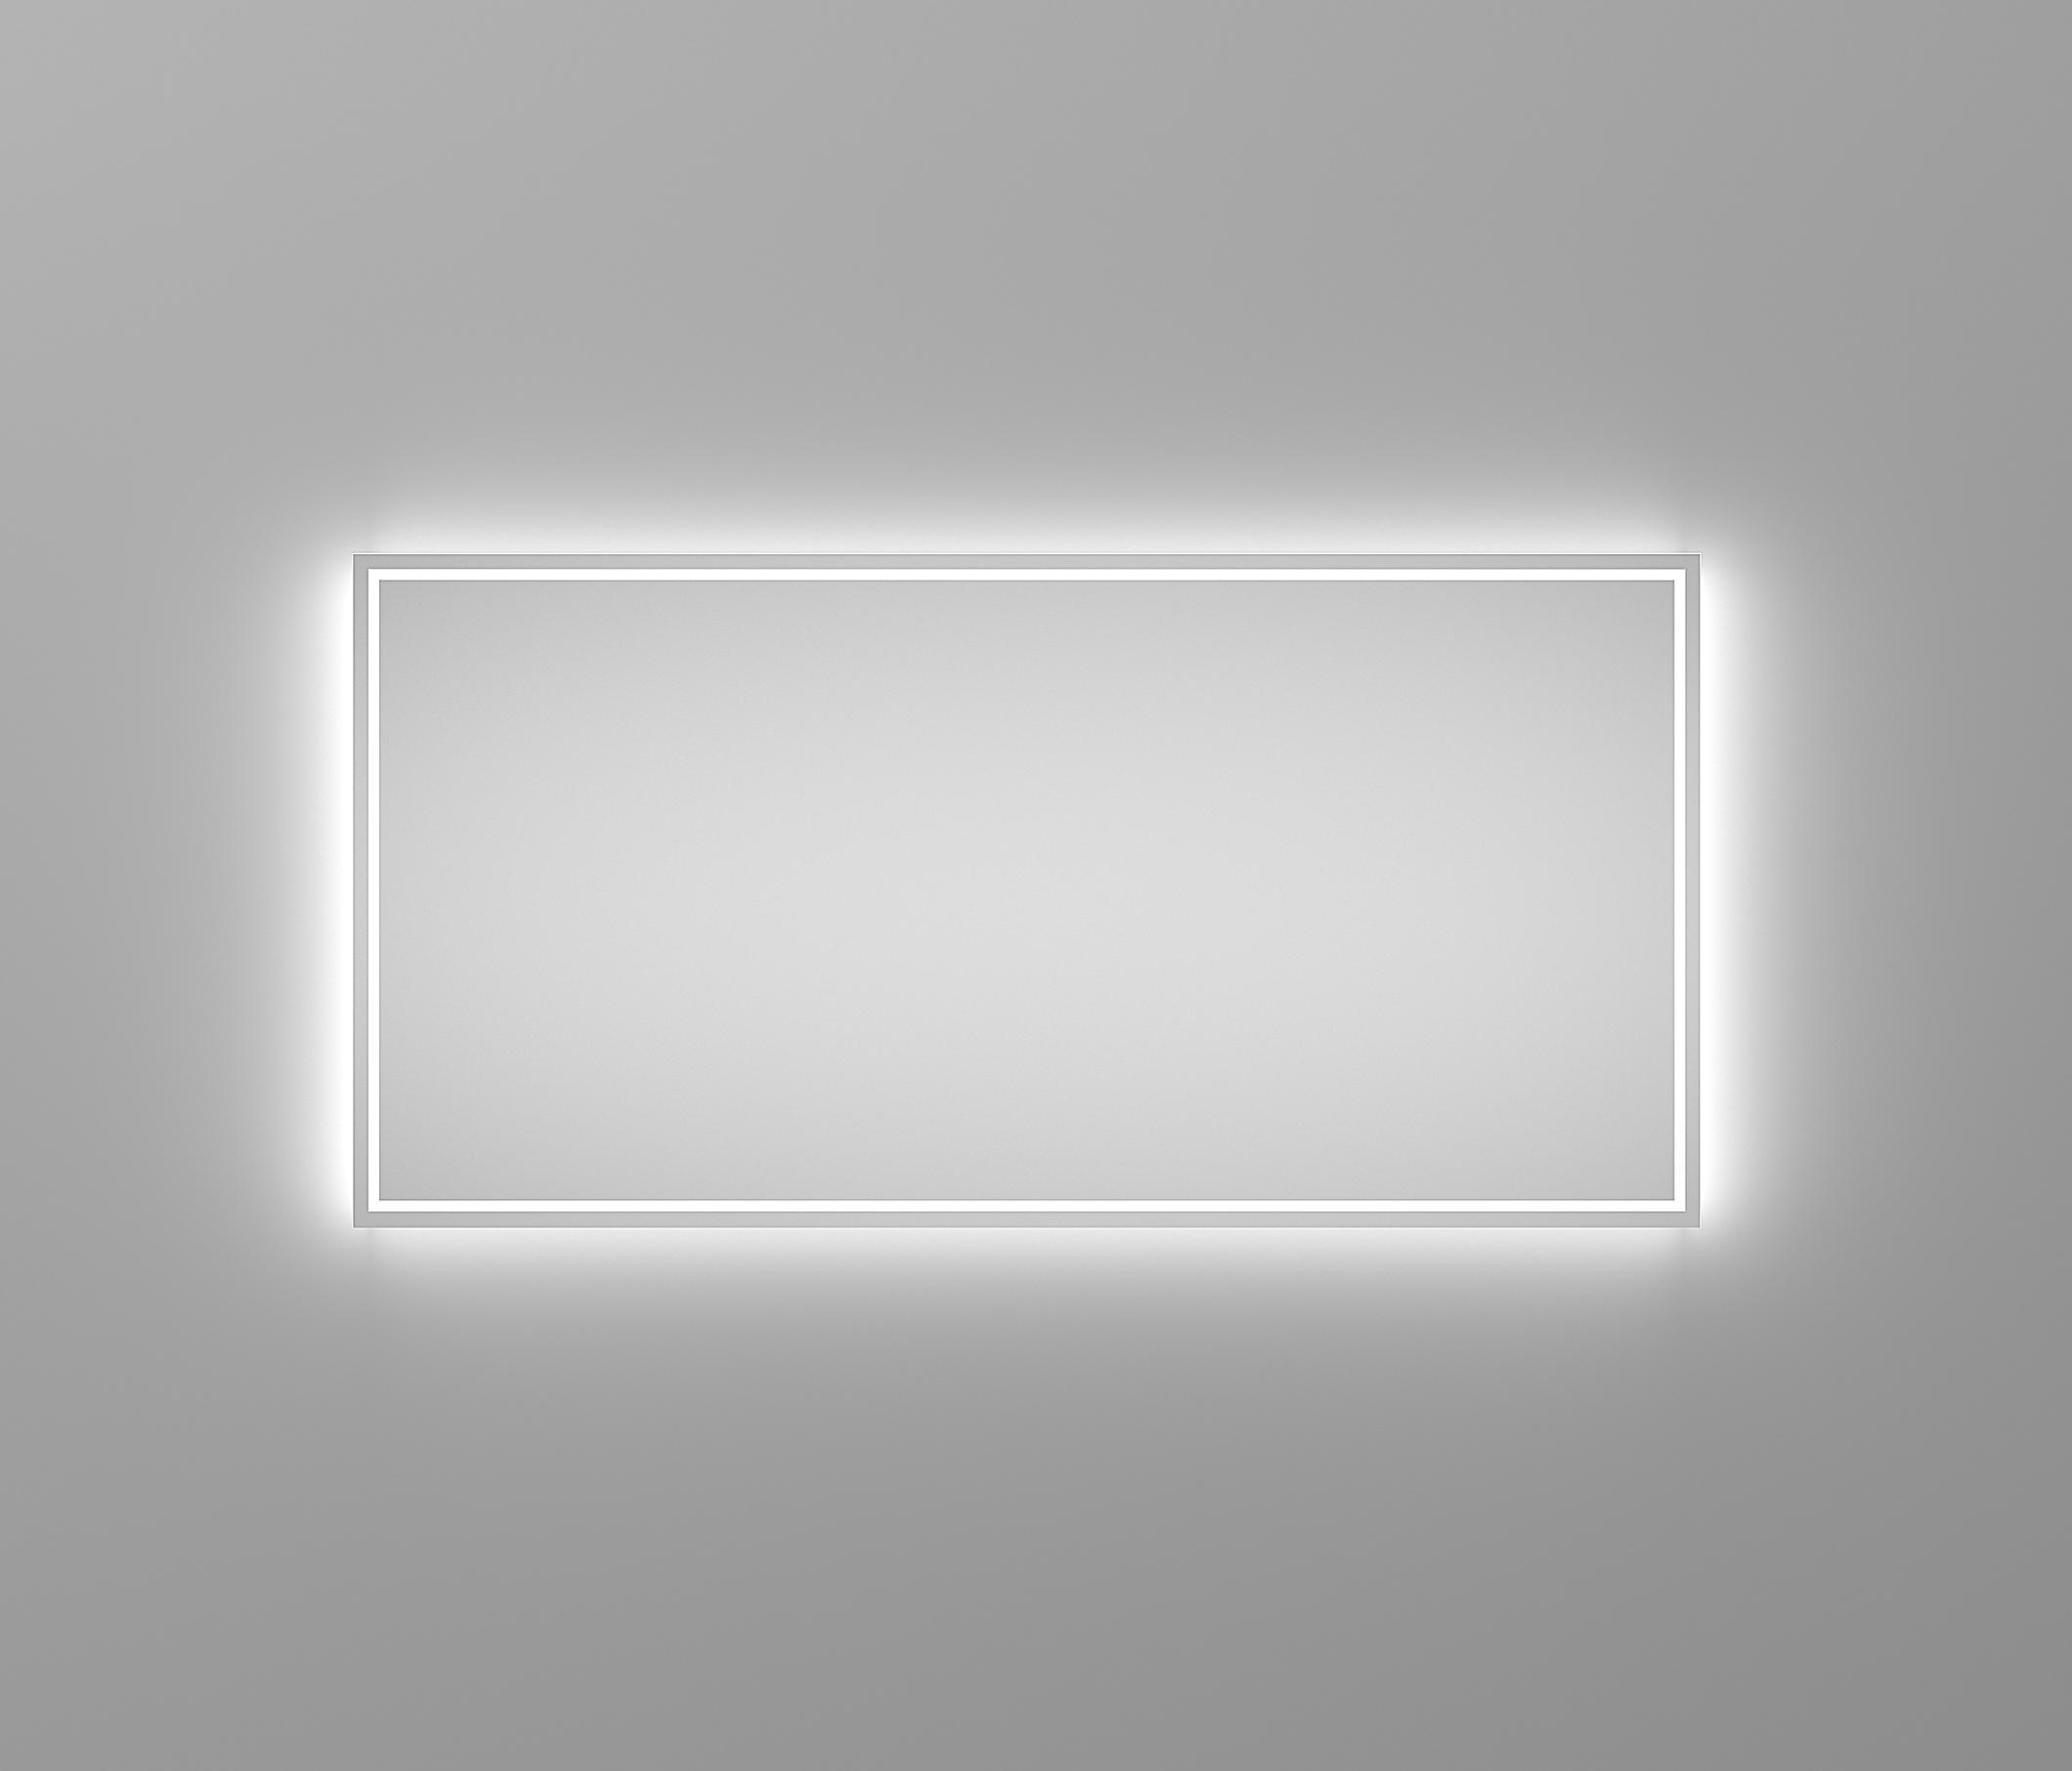 Spiegel Oval Ohne Rahmen wandspiegel rund und elegant sch ne hinzuf gung an der wand 15 things